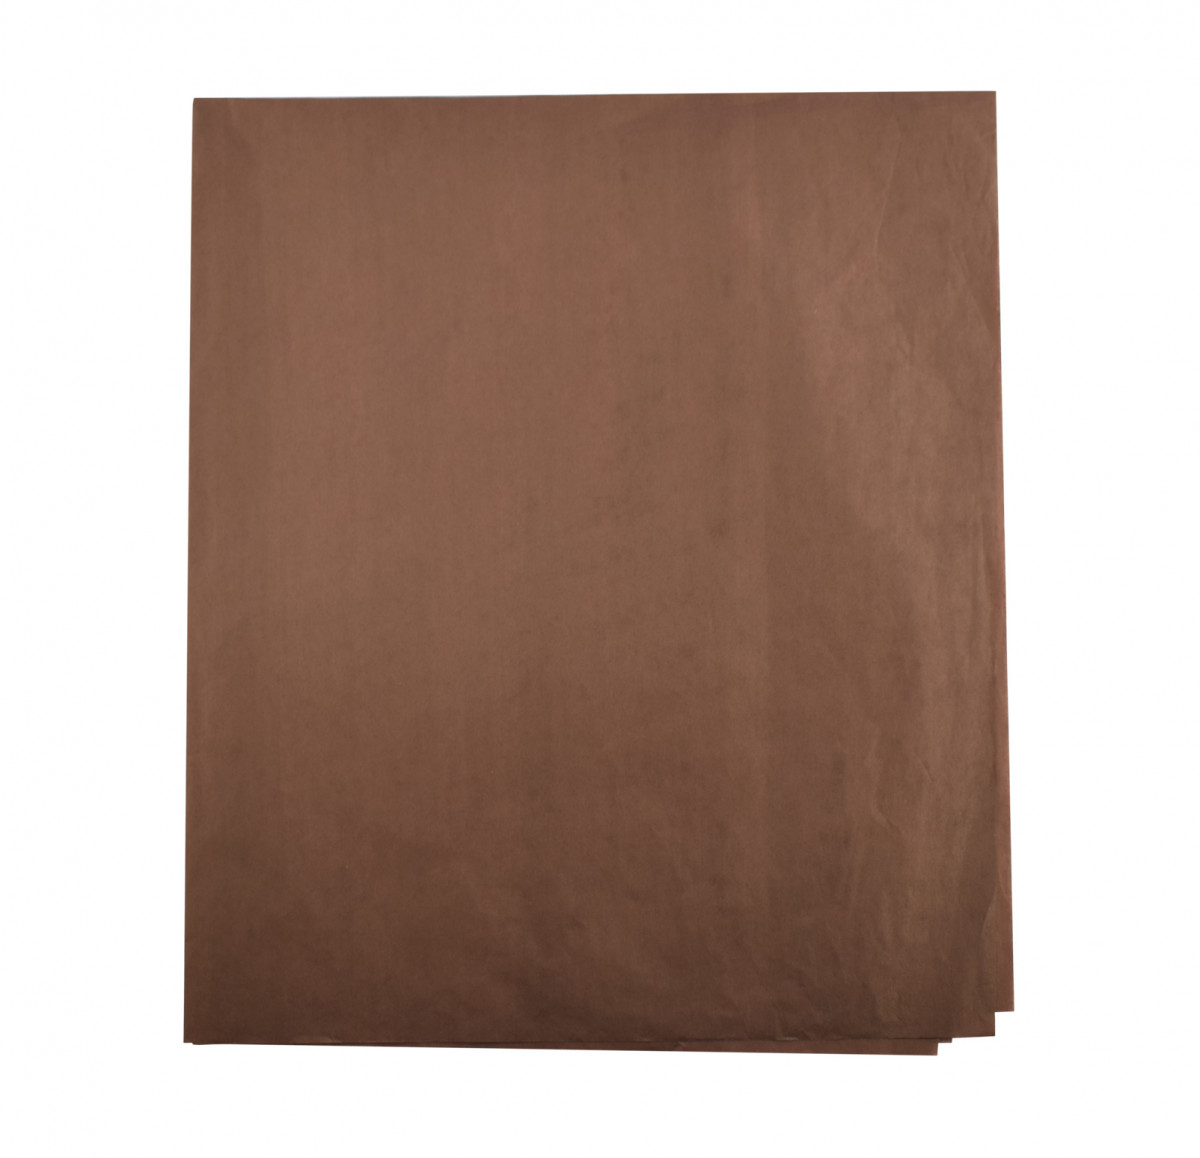 Papel de seda marron 48x60